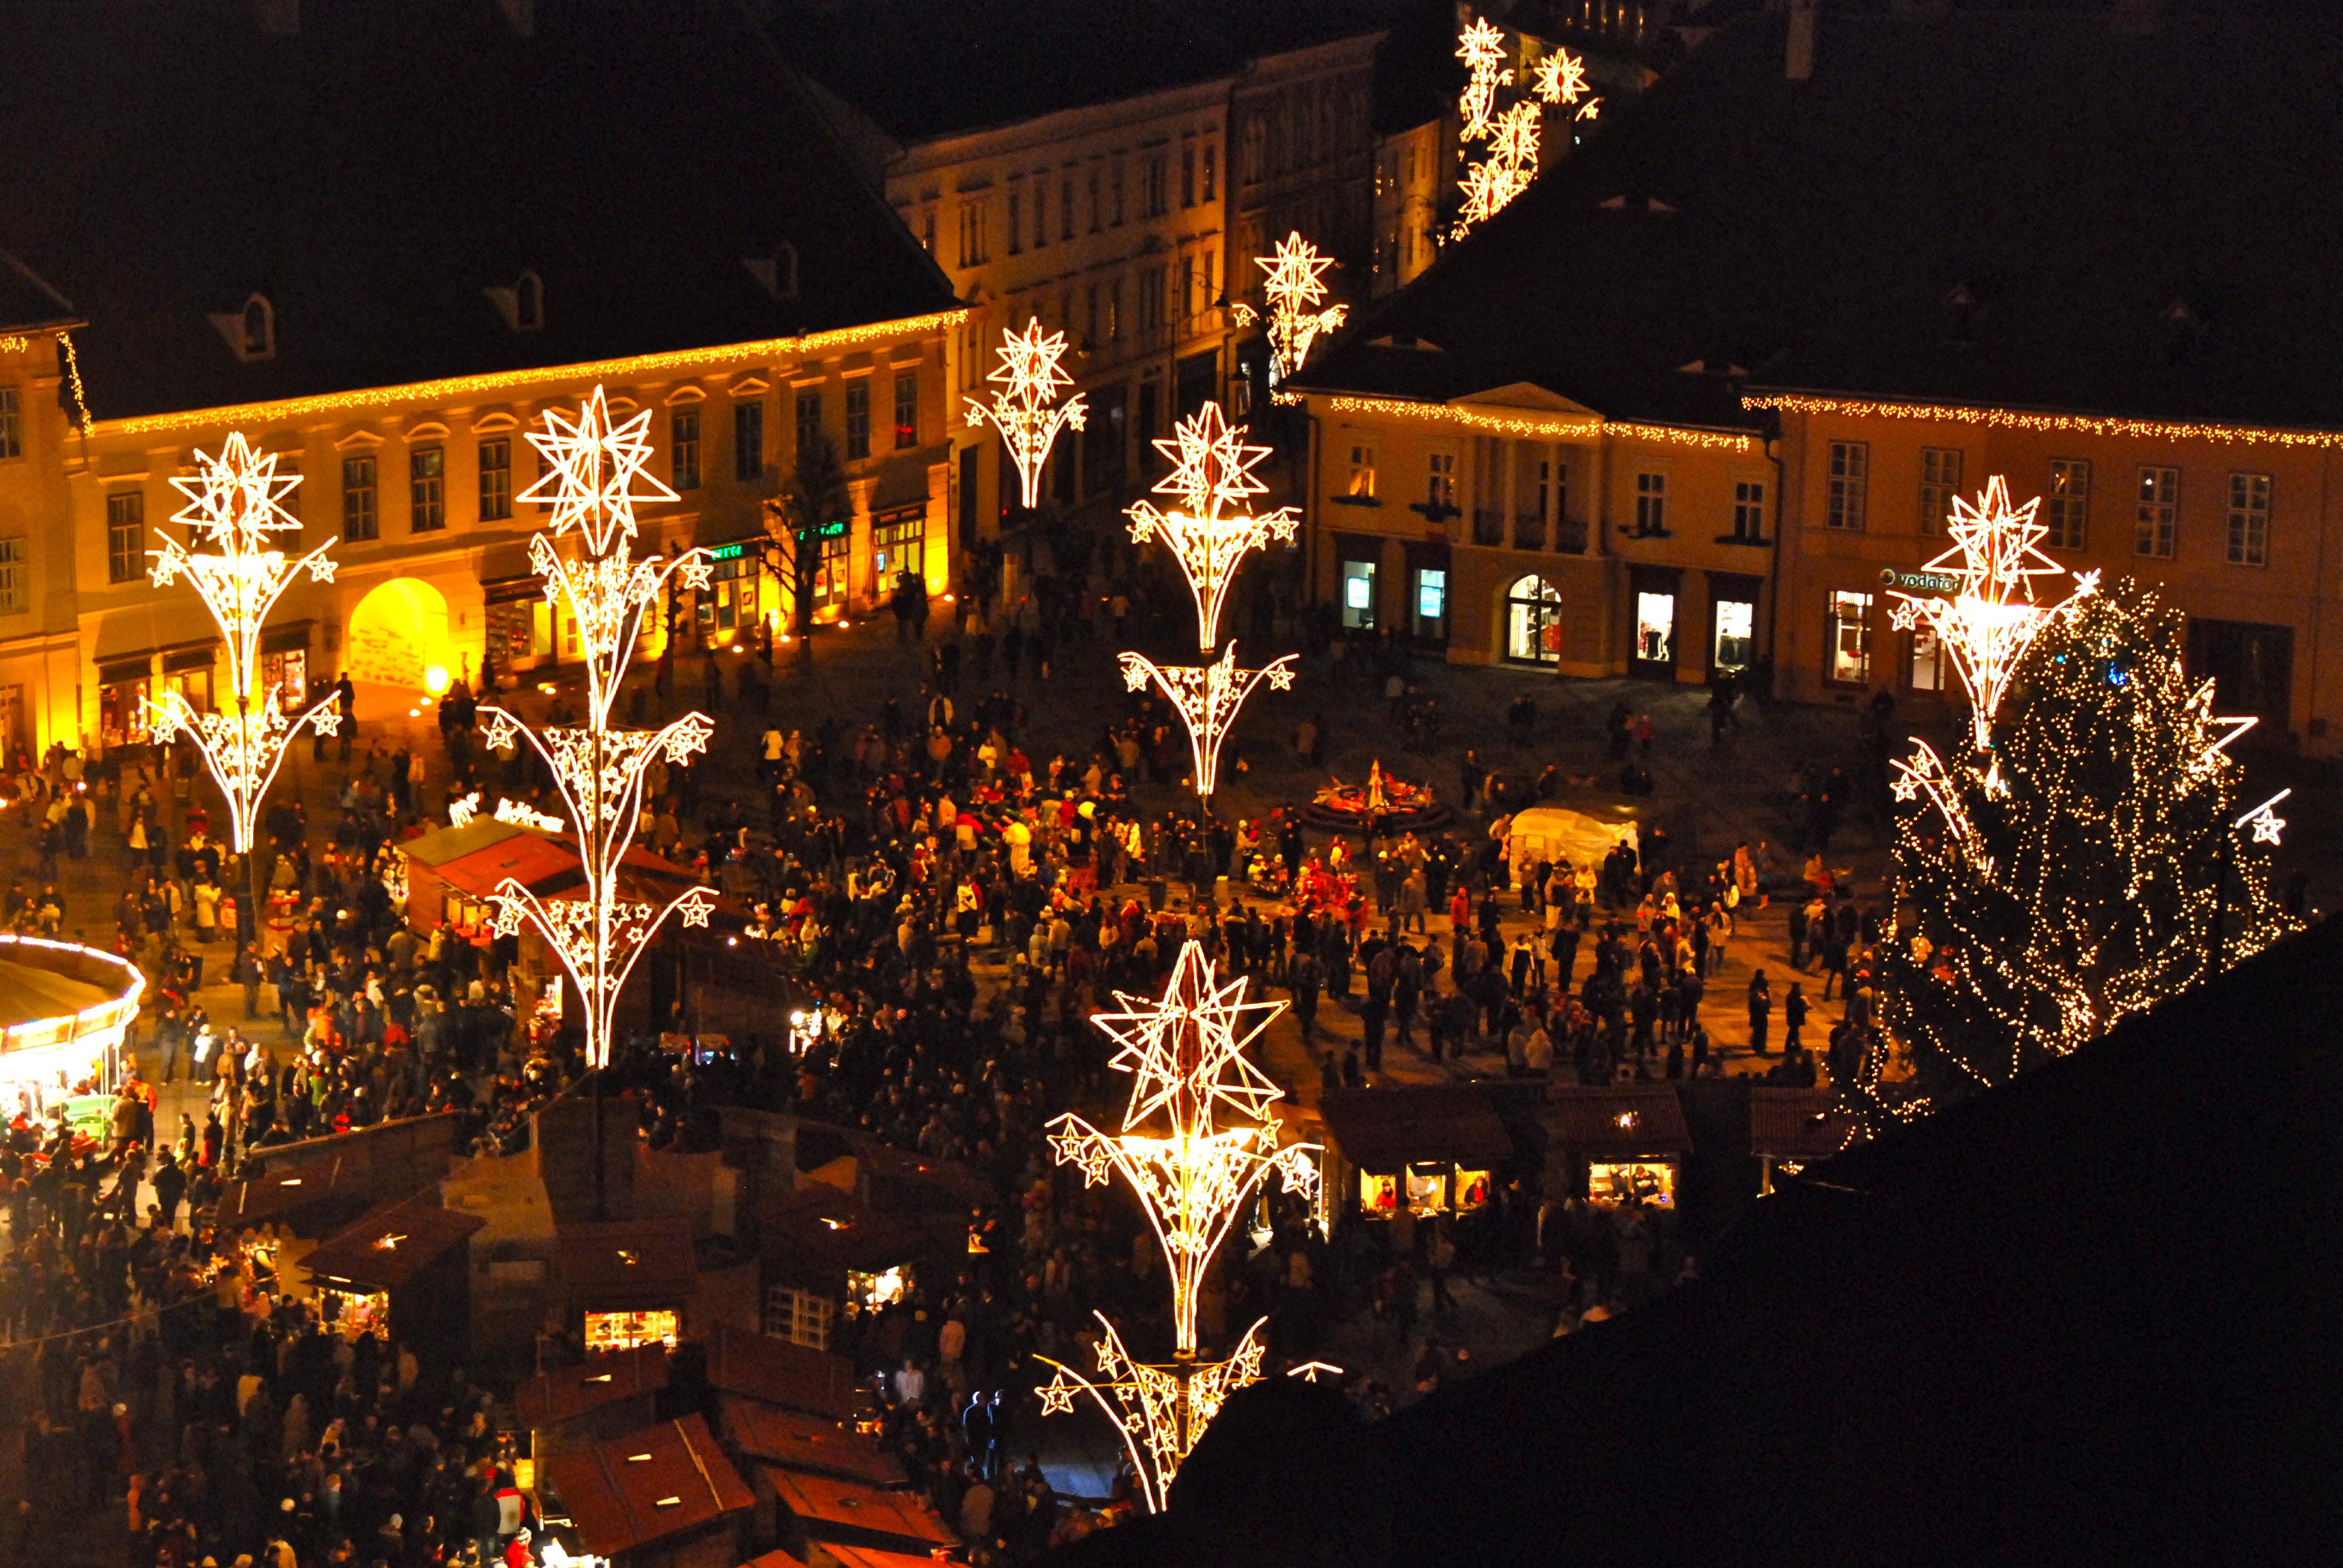 File:Sibiu Christmas Market opening 2008.JPG - Wikimedia Commons